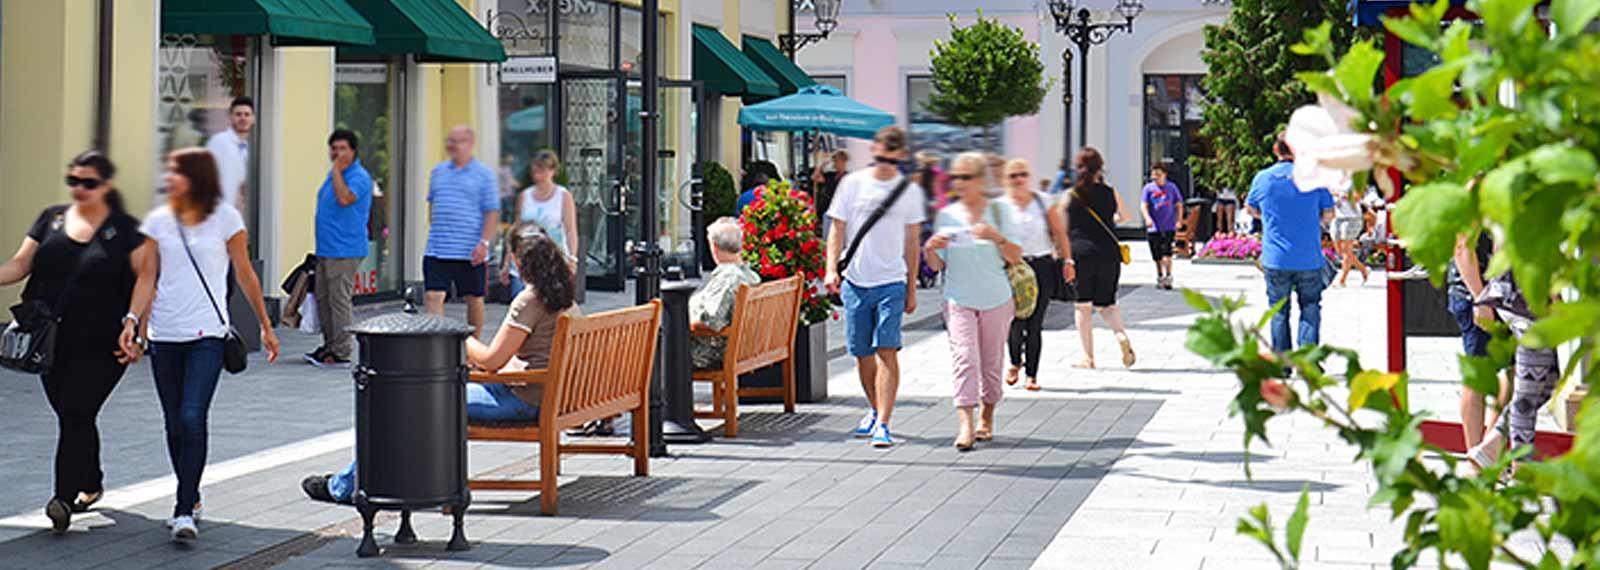 designer outlet berlin b5 crowne plaza berlin city centre. Black Bedroom Furniture Sets. Home Design Ideas